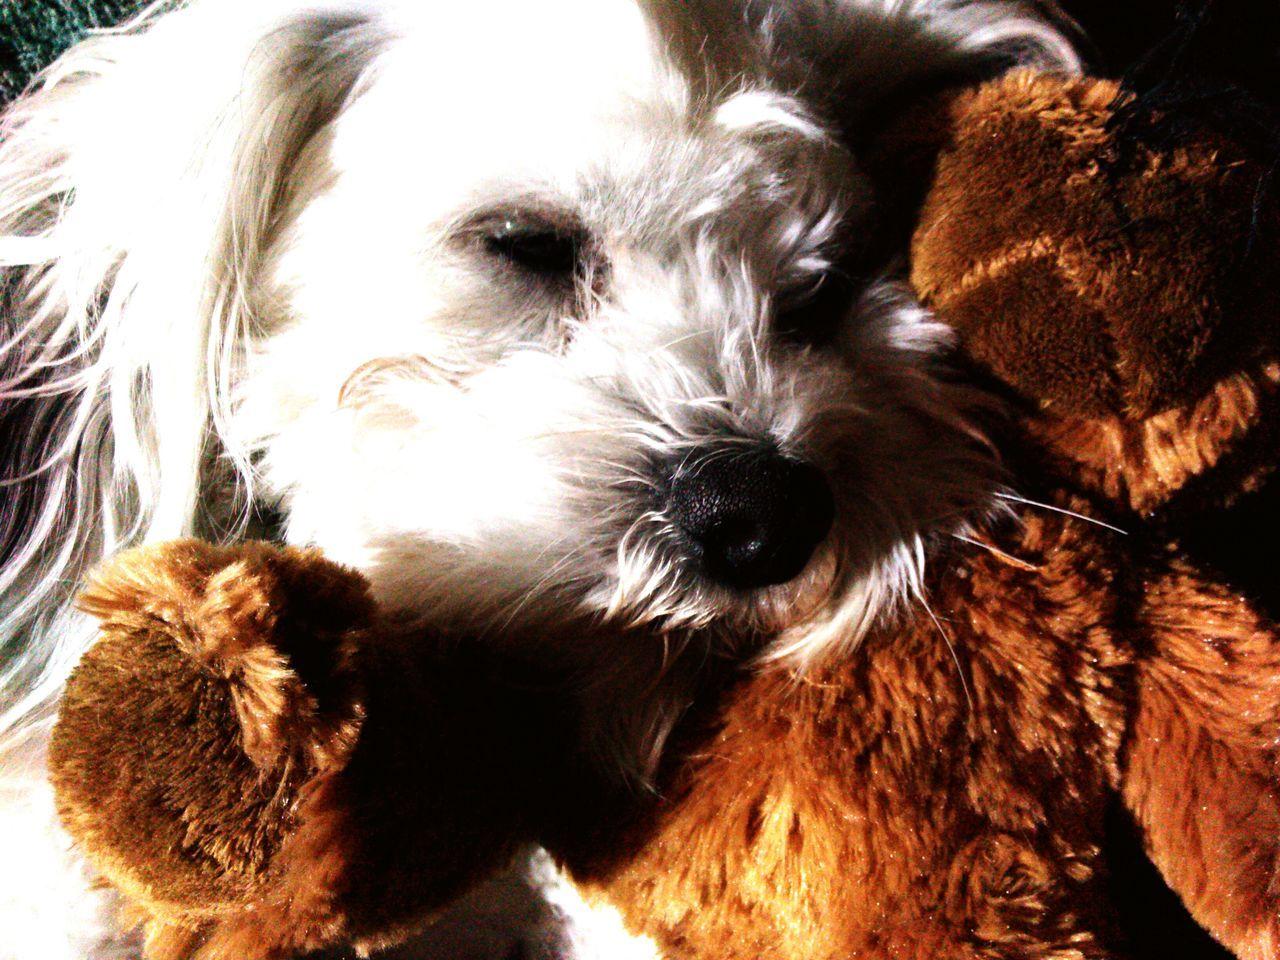 Nap Time Dog Love Teddybear With Teddy Bear Adorable Dog Adorable Pets Cute Pets Too Cute Dog Breed Teddybear Shitzu Maltese Mix